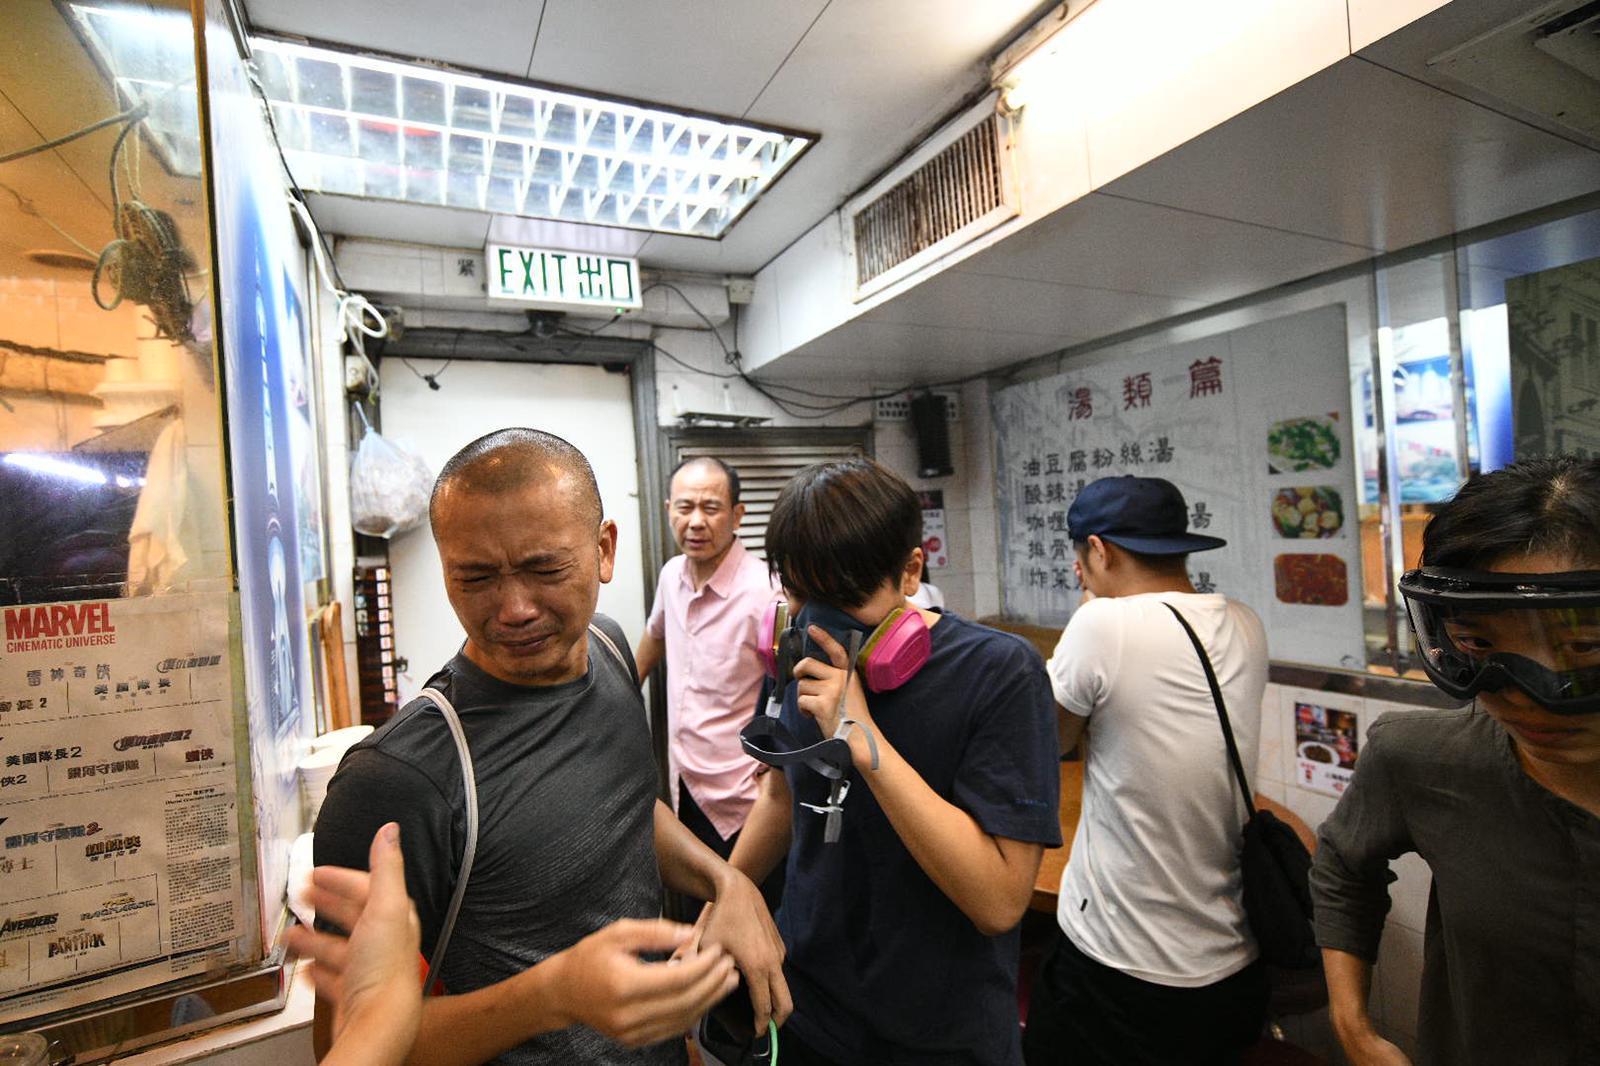 有食肆客人吸入催淚煙致不斷咳嗽。